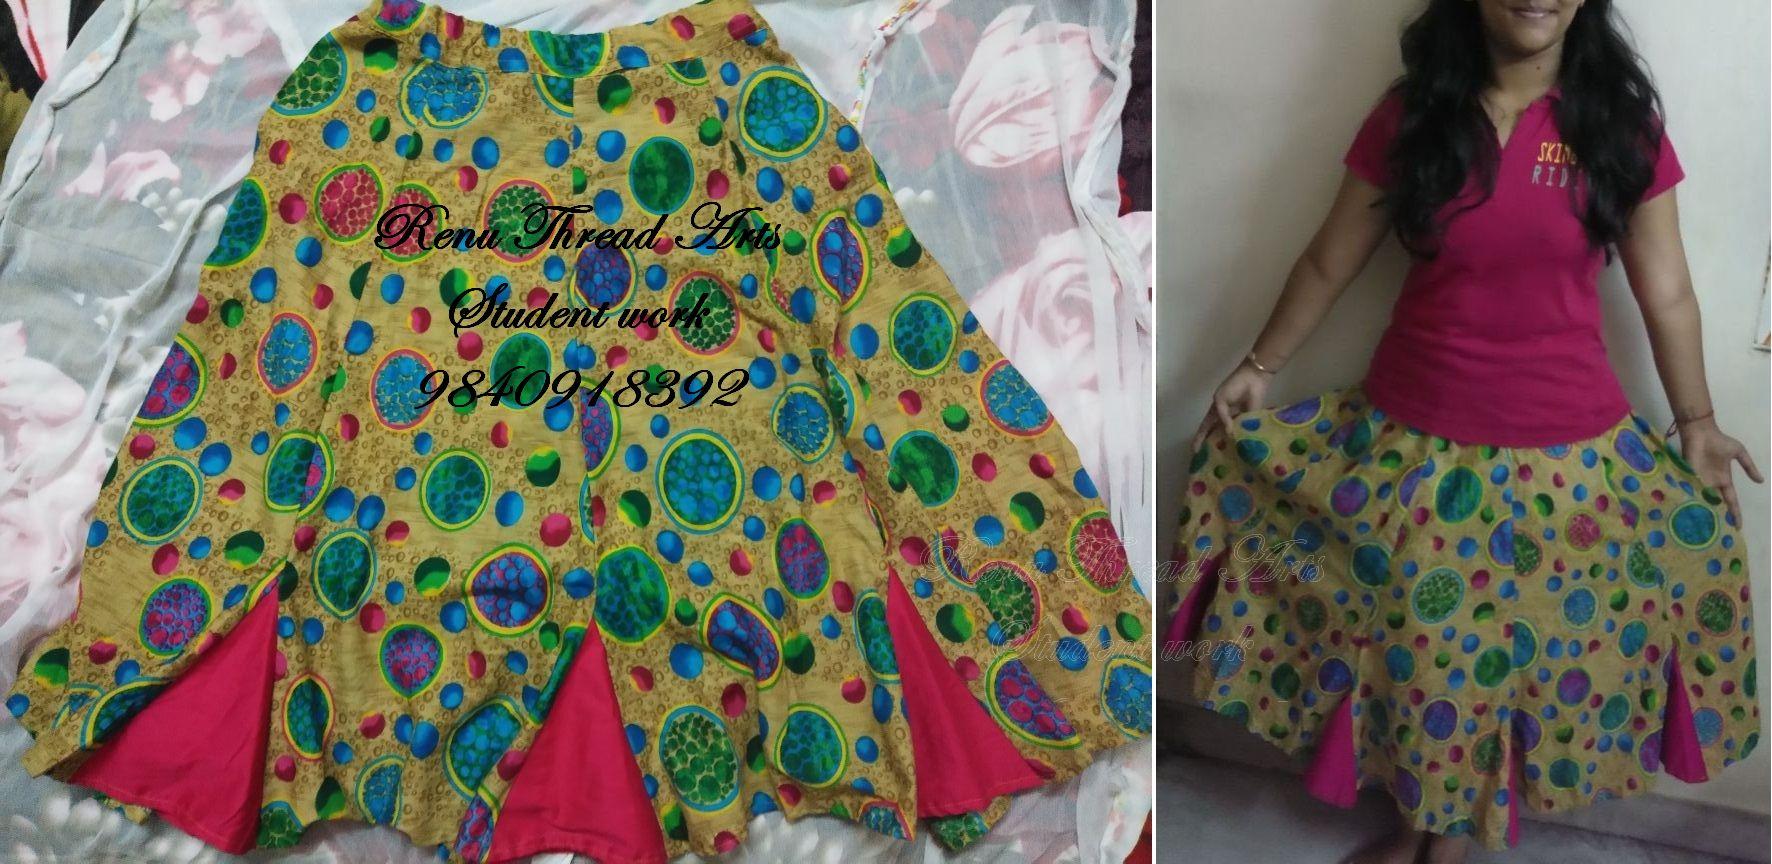 Our student work – Godet panel skirt